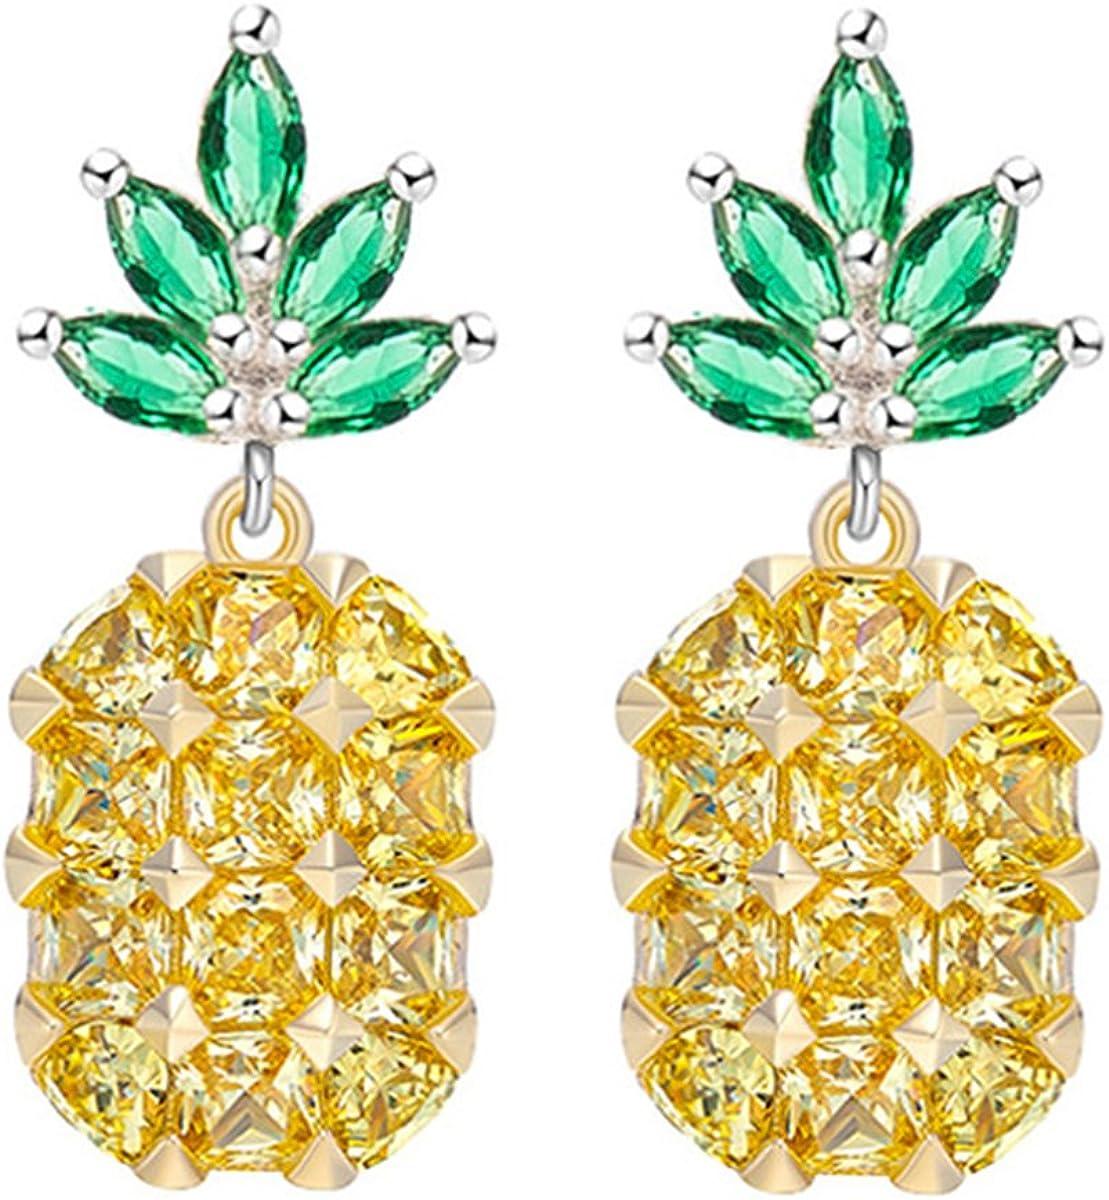 Pendientes Piña Fruta Forma Cristal Strass Piedras